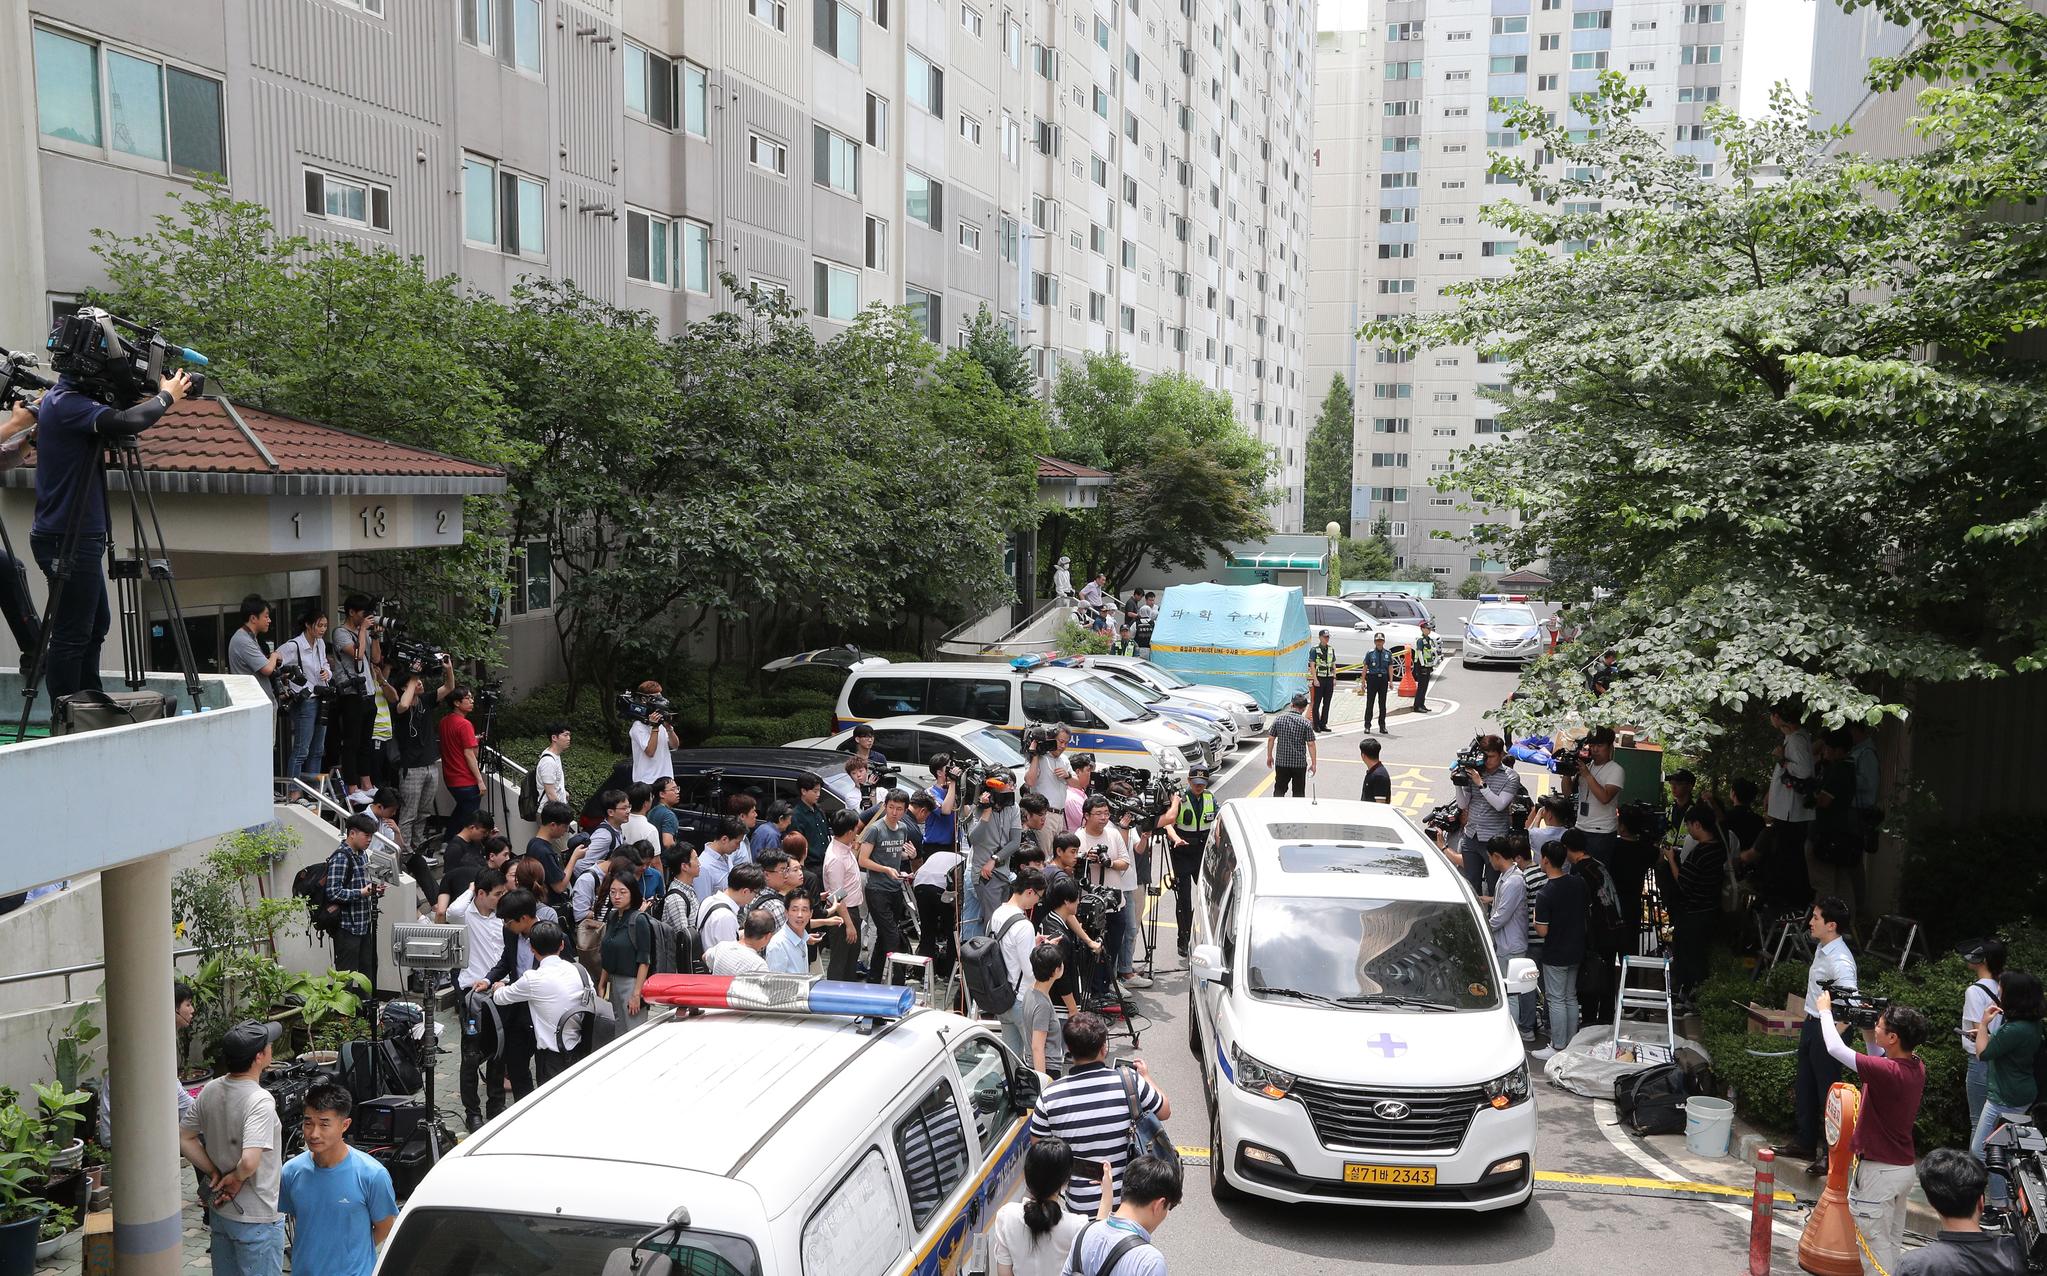 노회찬 원내대표의 시신을 실은 구급차가 현장을 떠나고 있다. 임현동 기자